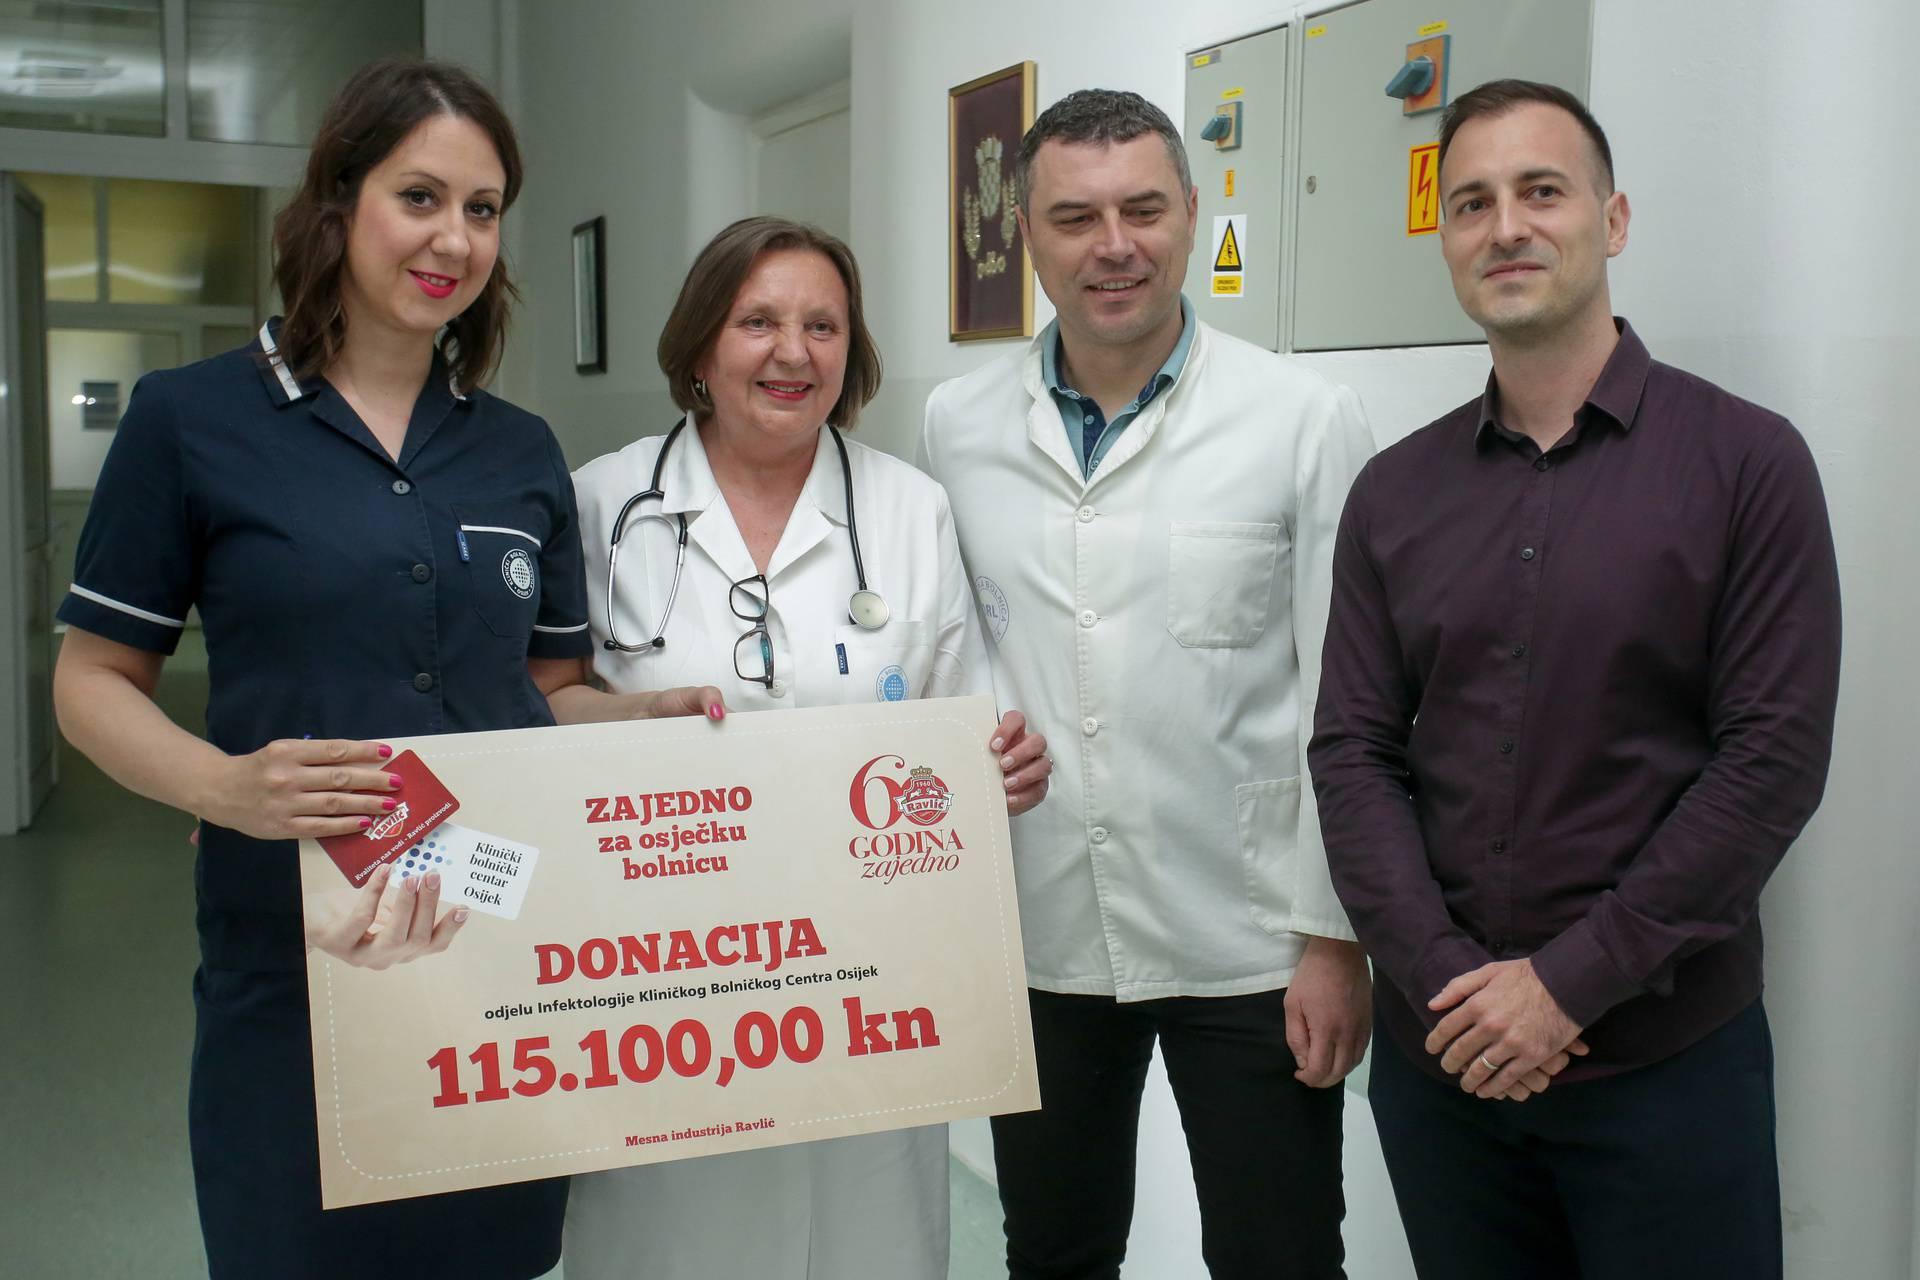 Humanitarna donacija tvrtke Ravlic KBC- u Osijek